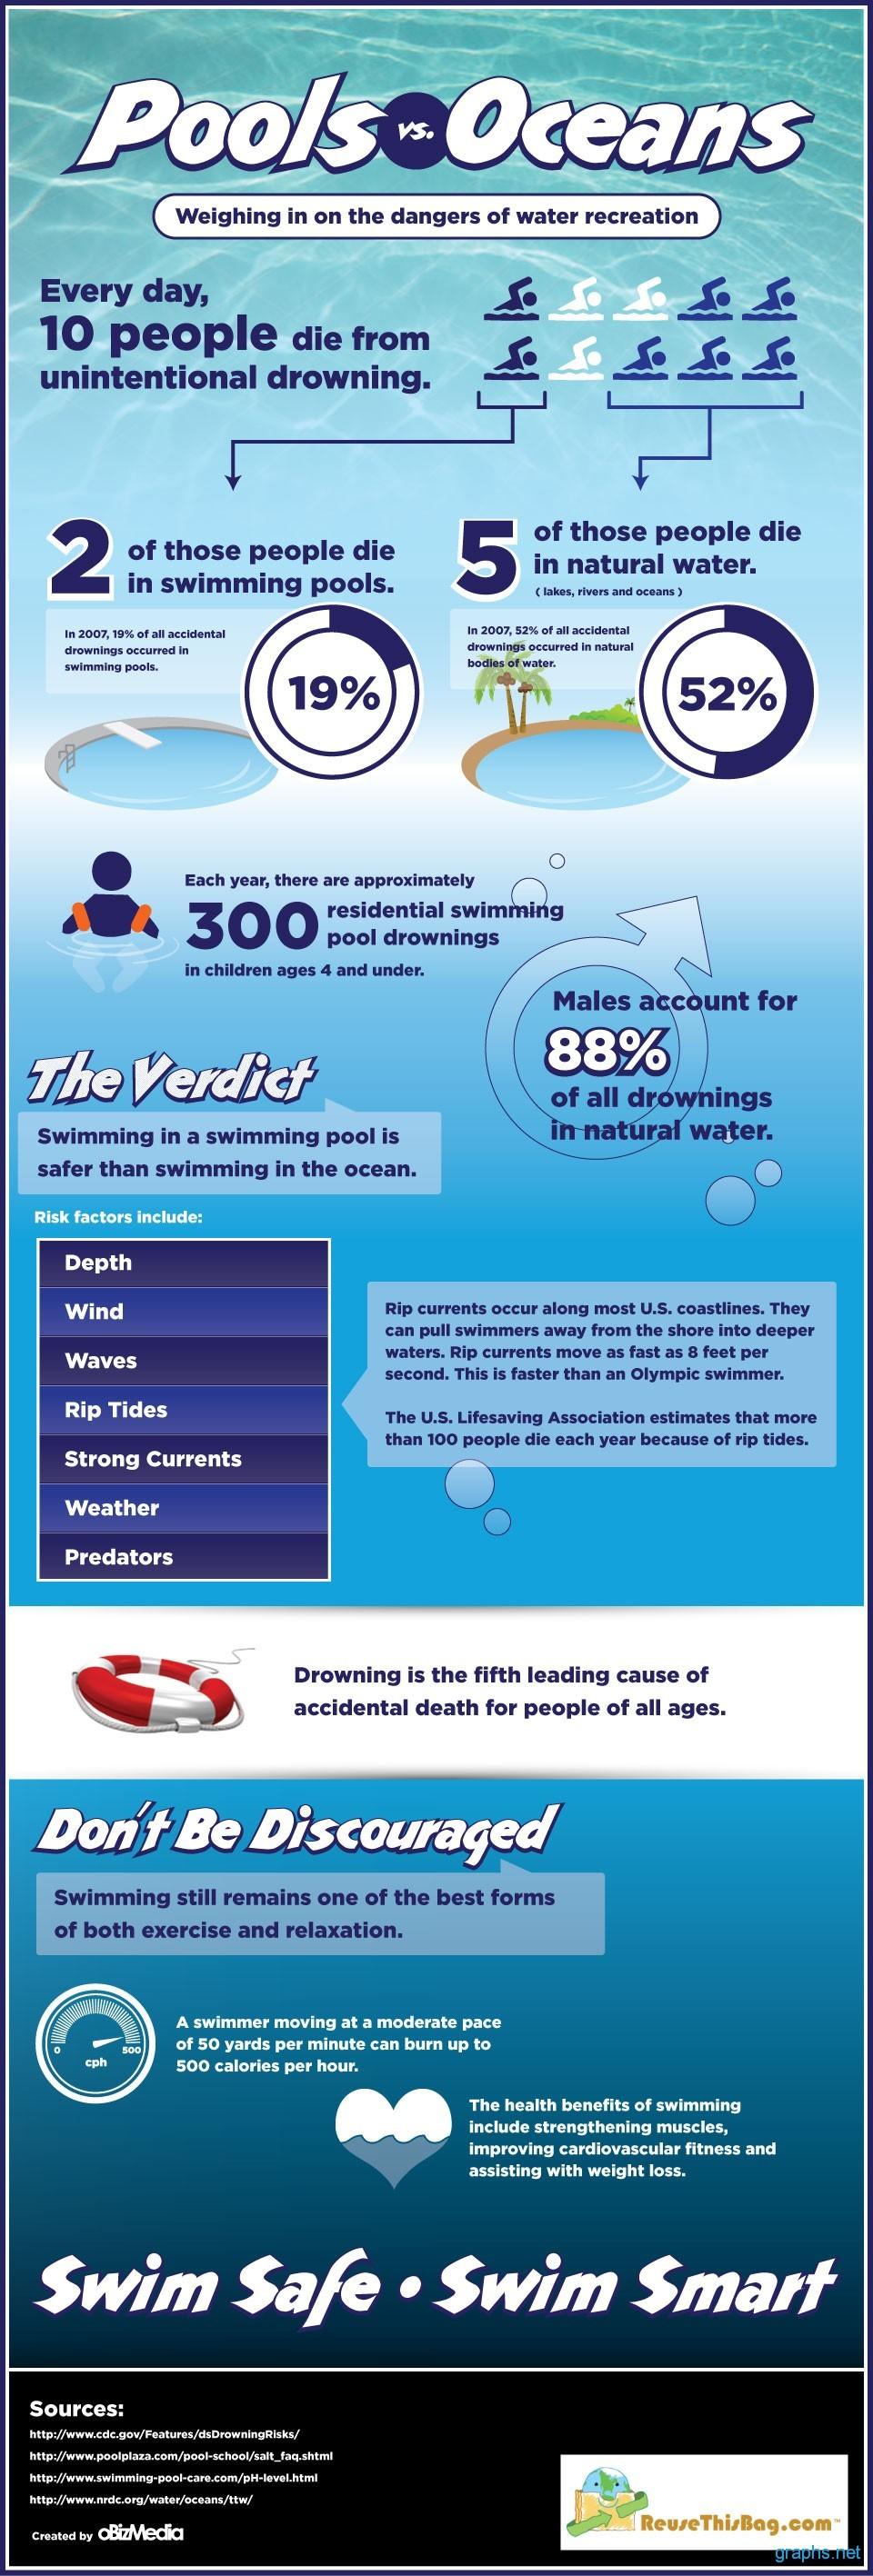 Pools vs. Oceans Swimming